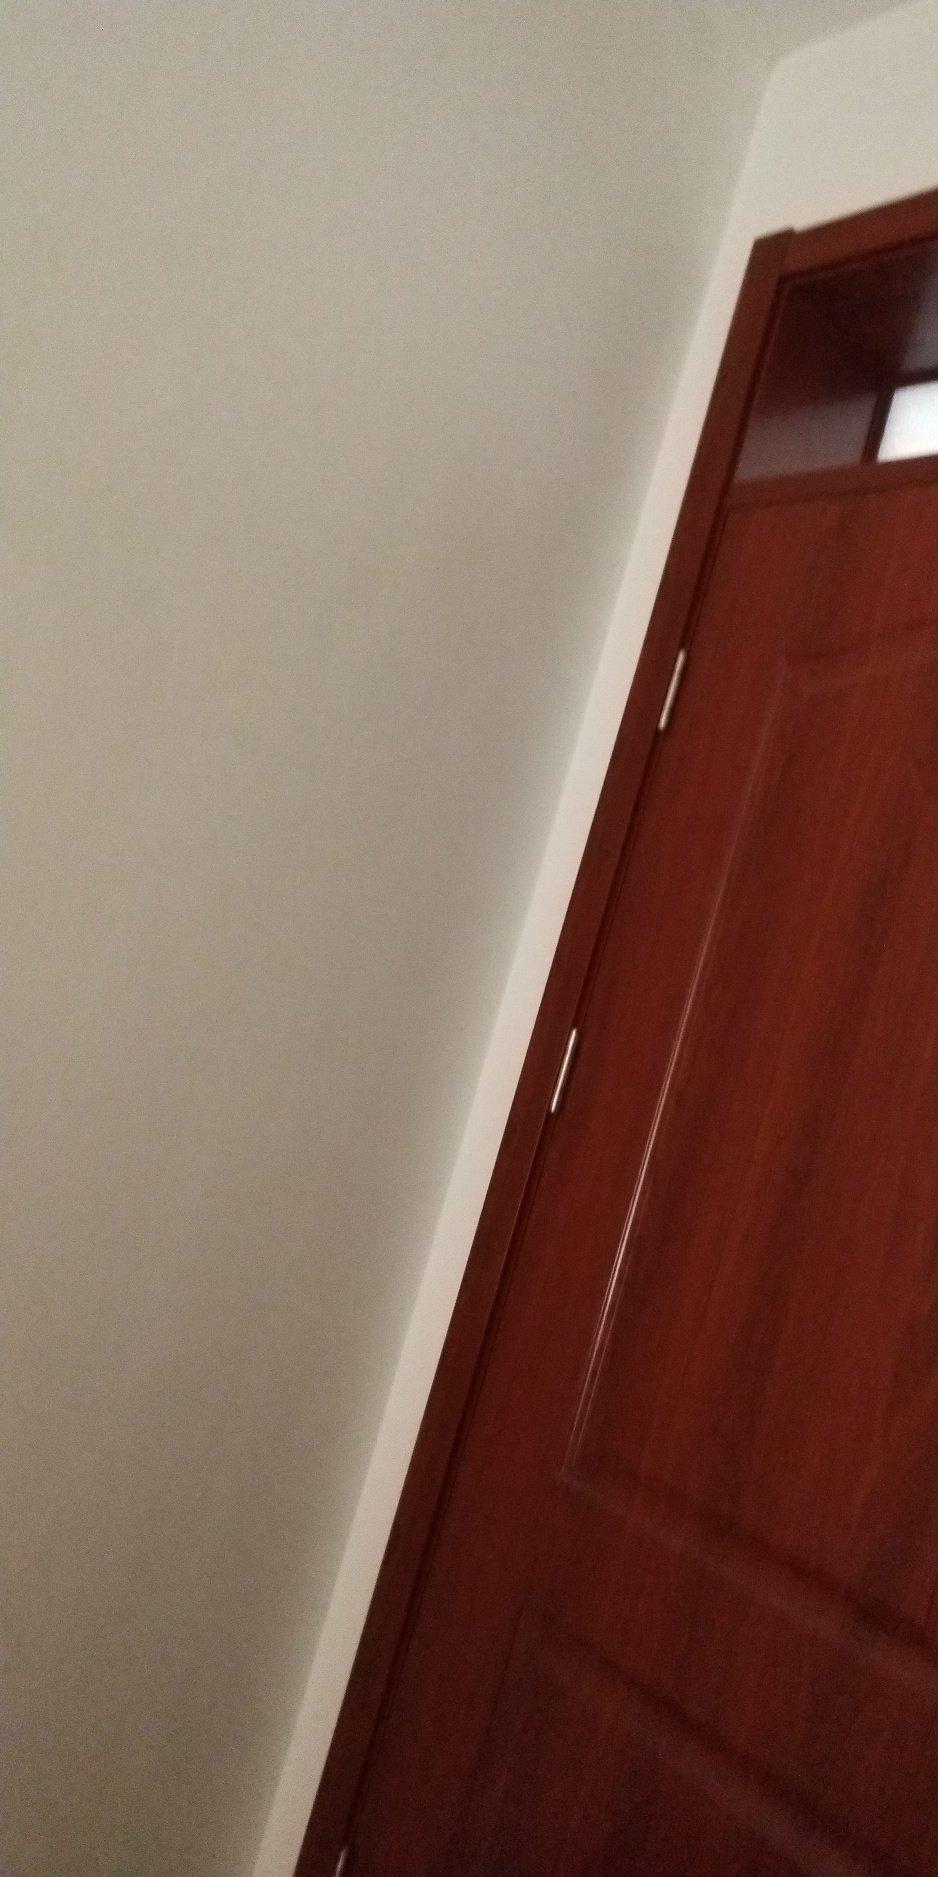 红门贴什么颜色的壁纸好看?